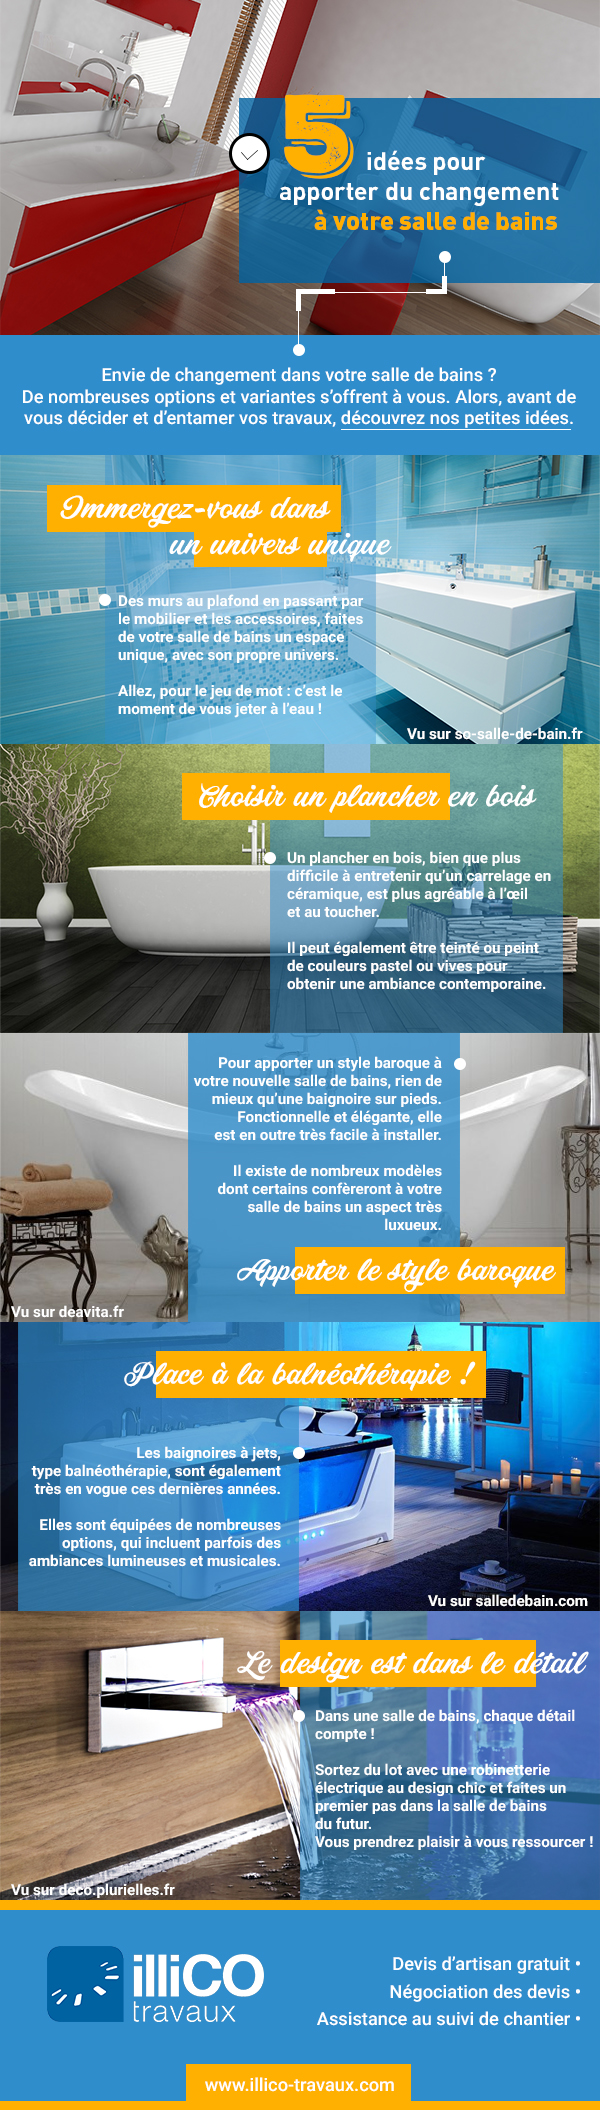 Infographie - Salle de bains